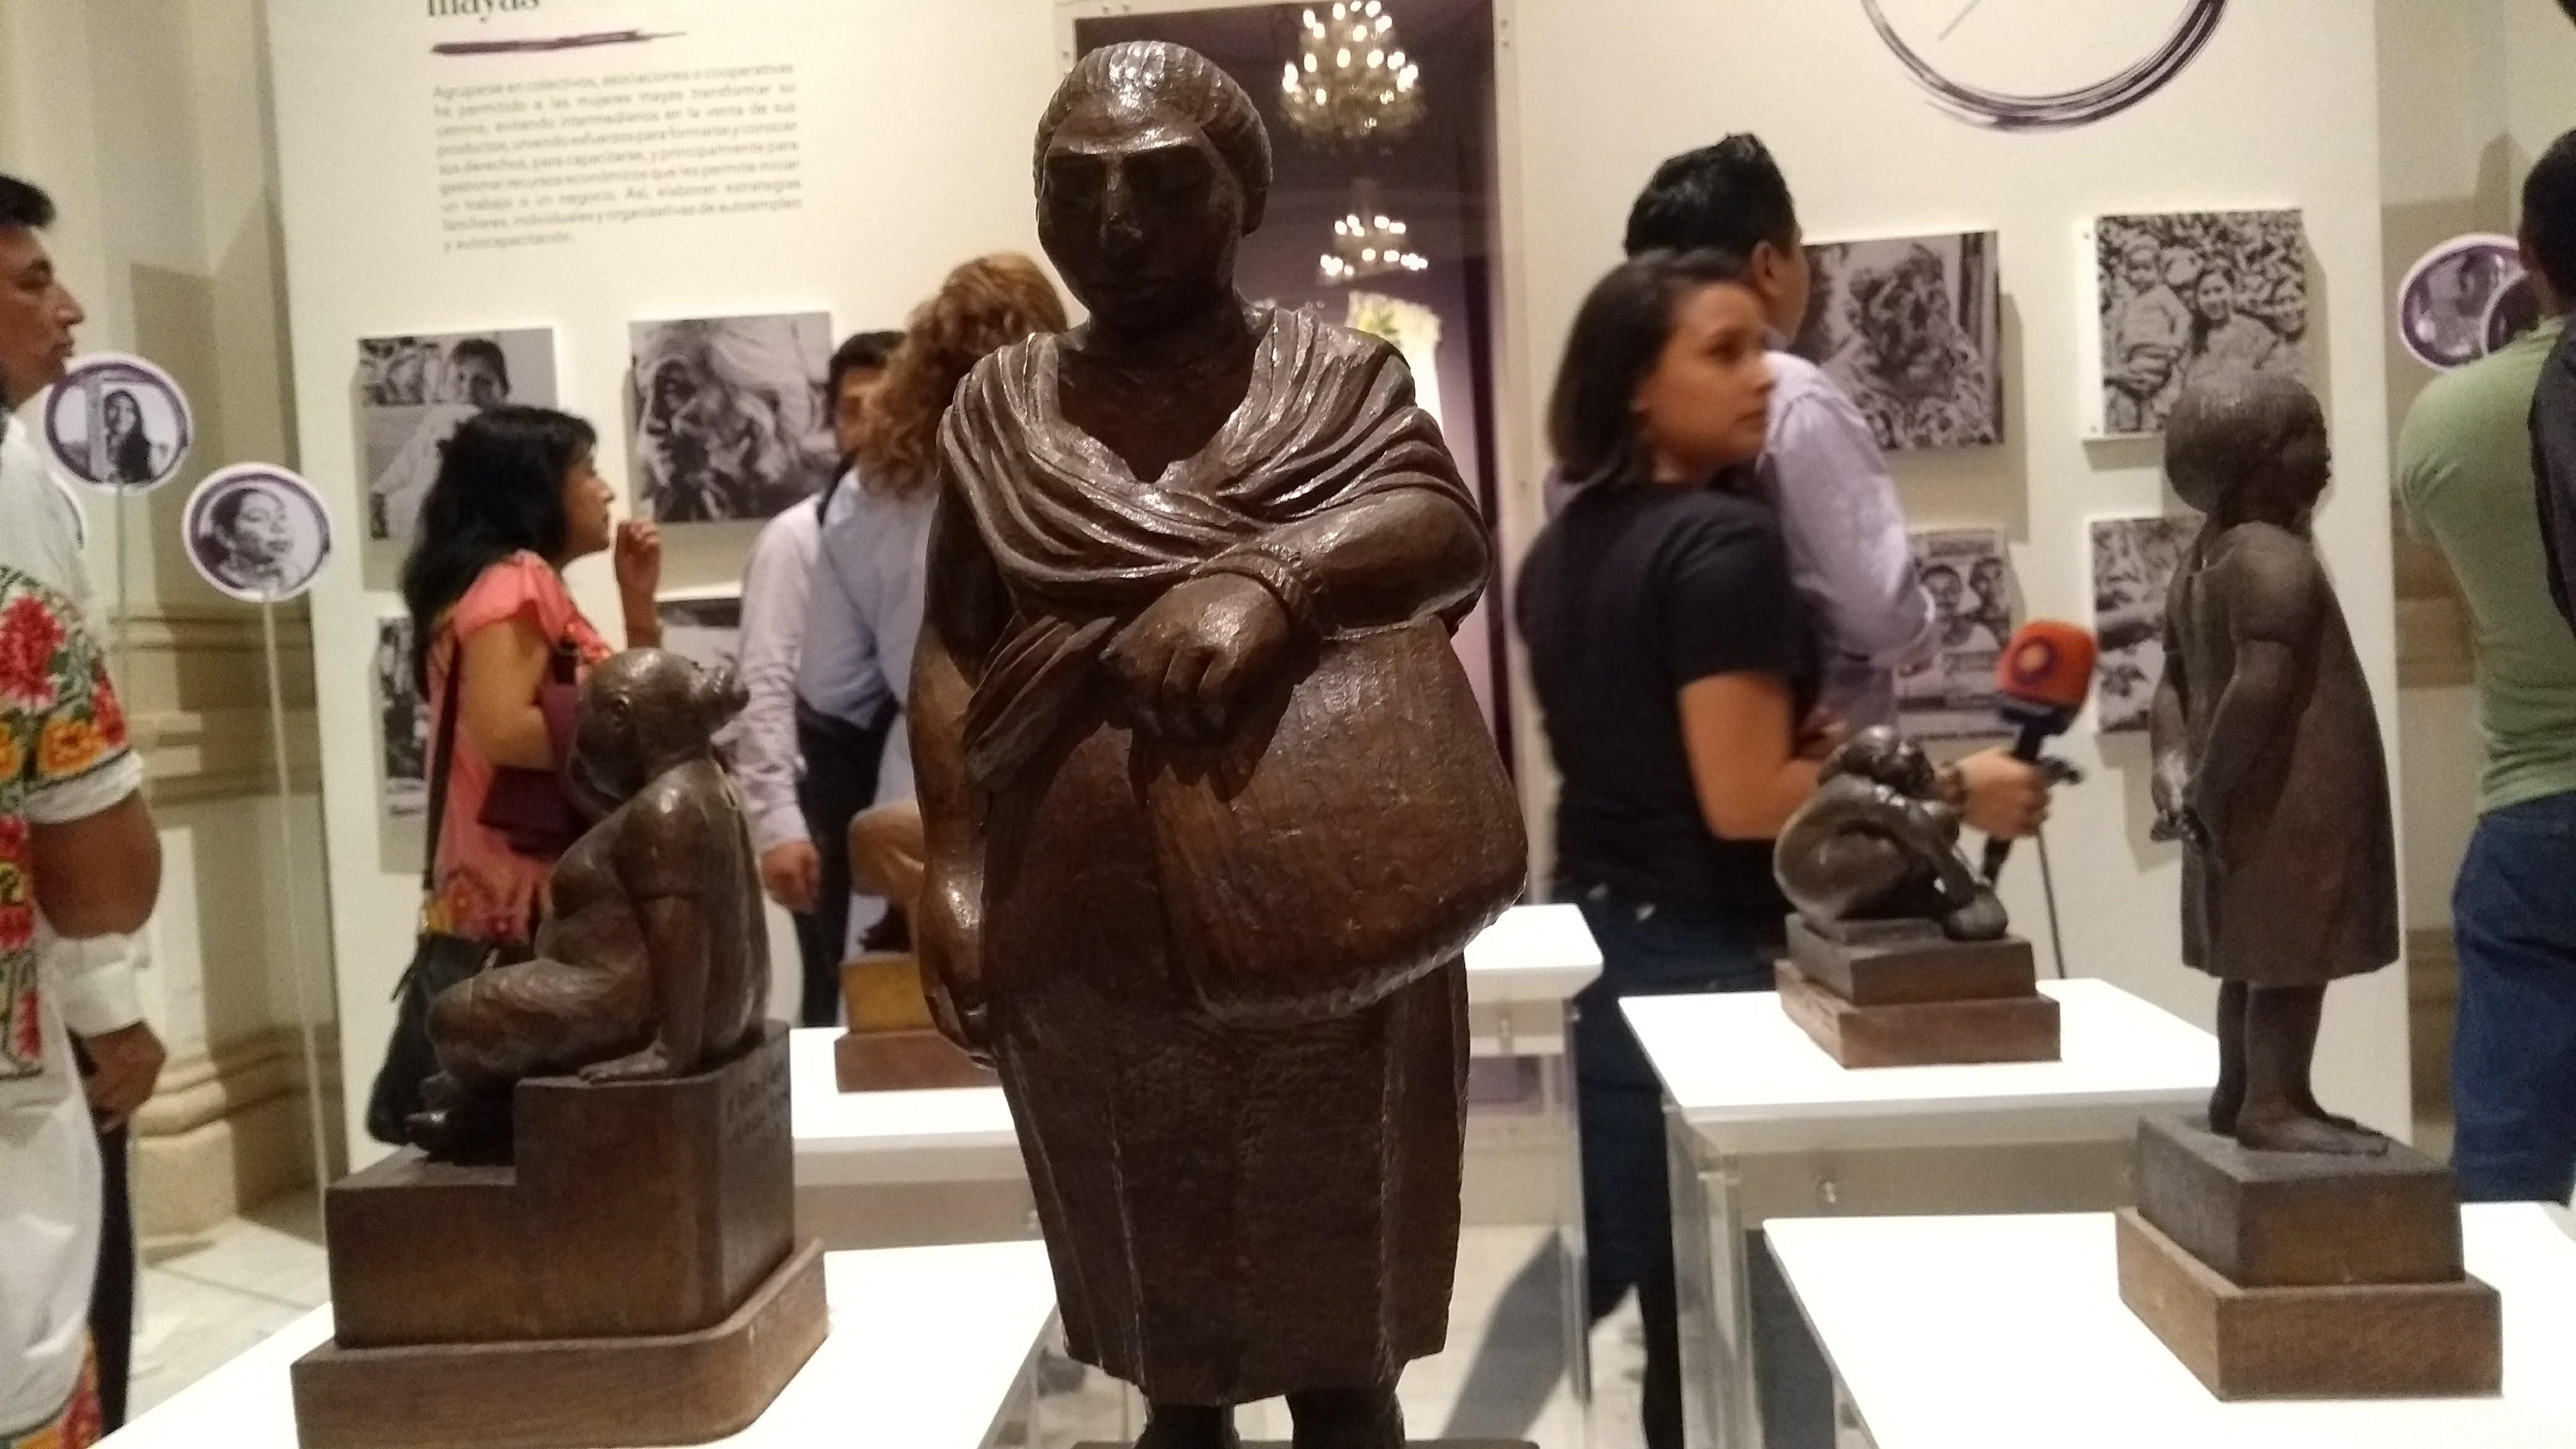 Magna muestra de arte e historia sobre mujeres yucatecas